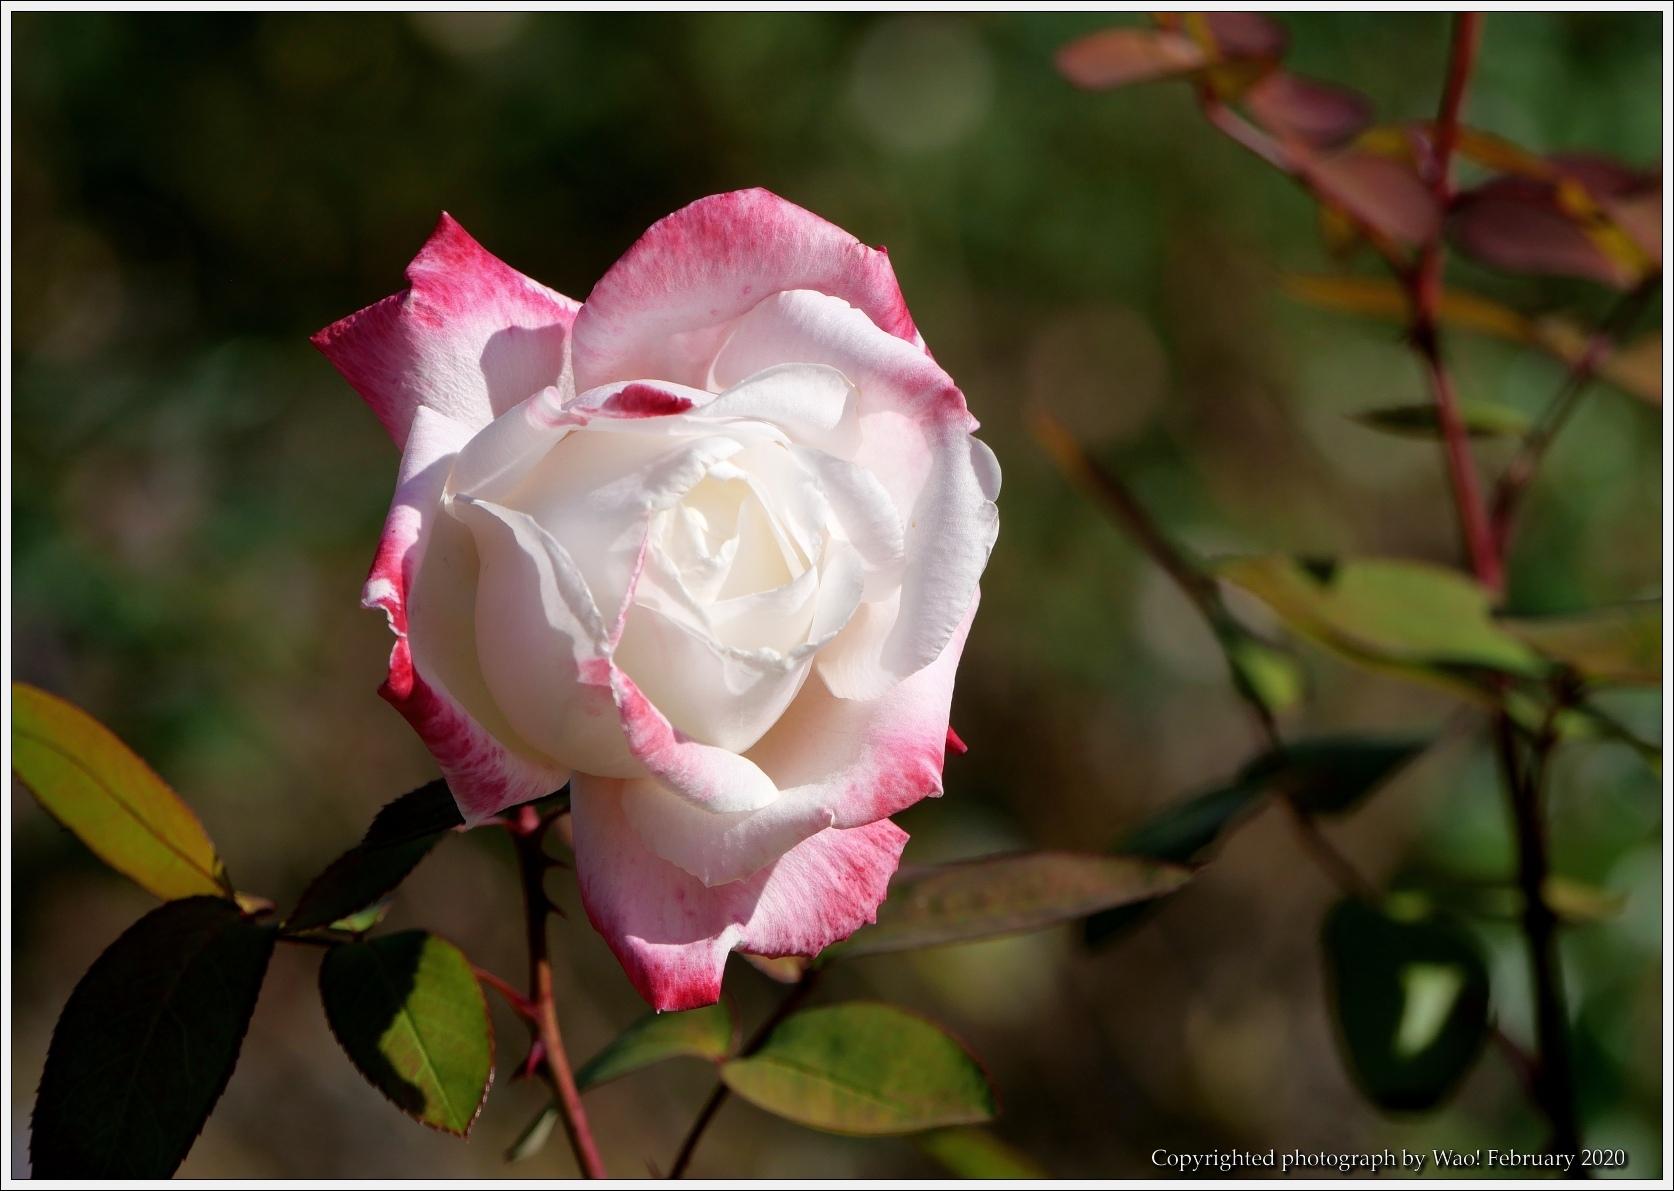 冬のバラと温室の花と蝶_c0198669_16064737.jpg